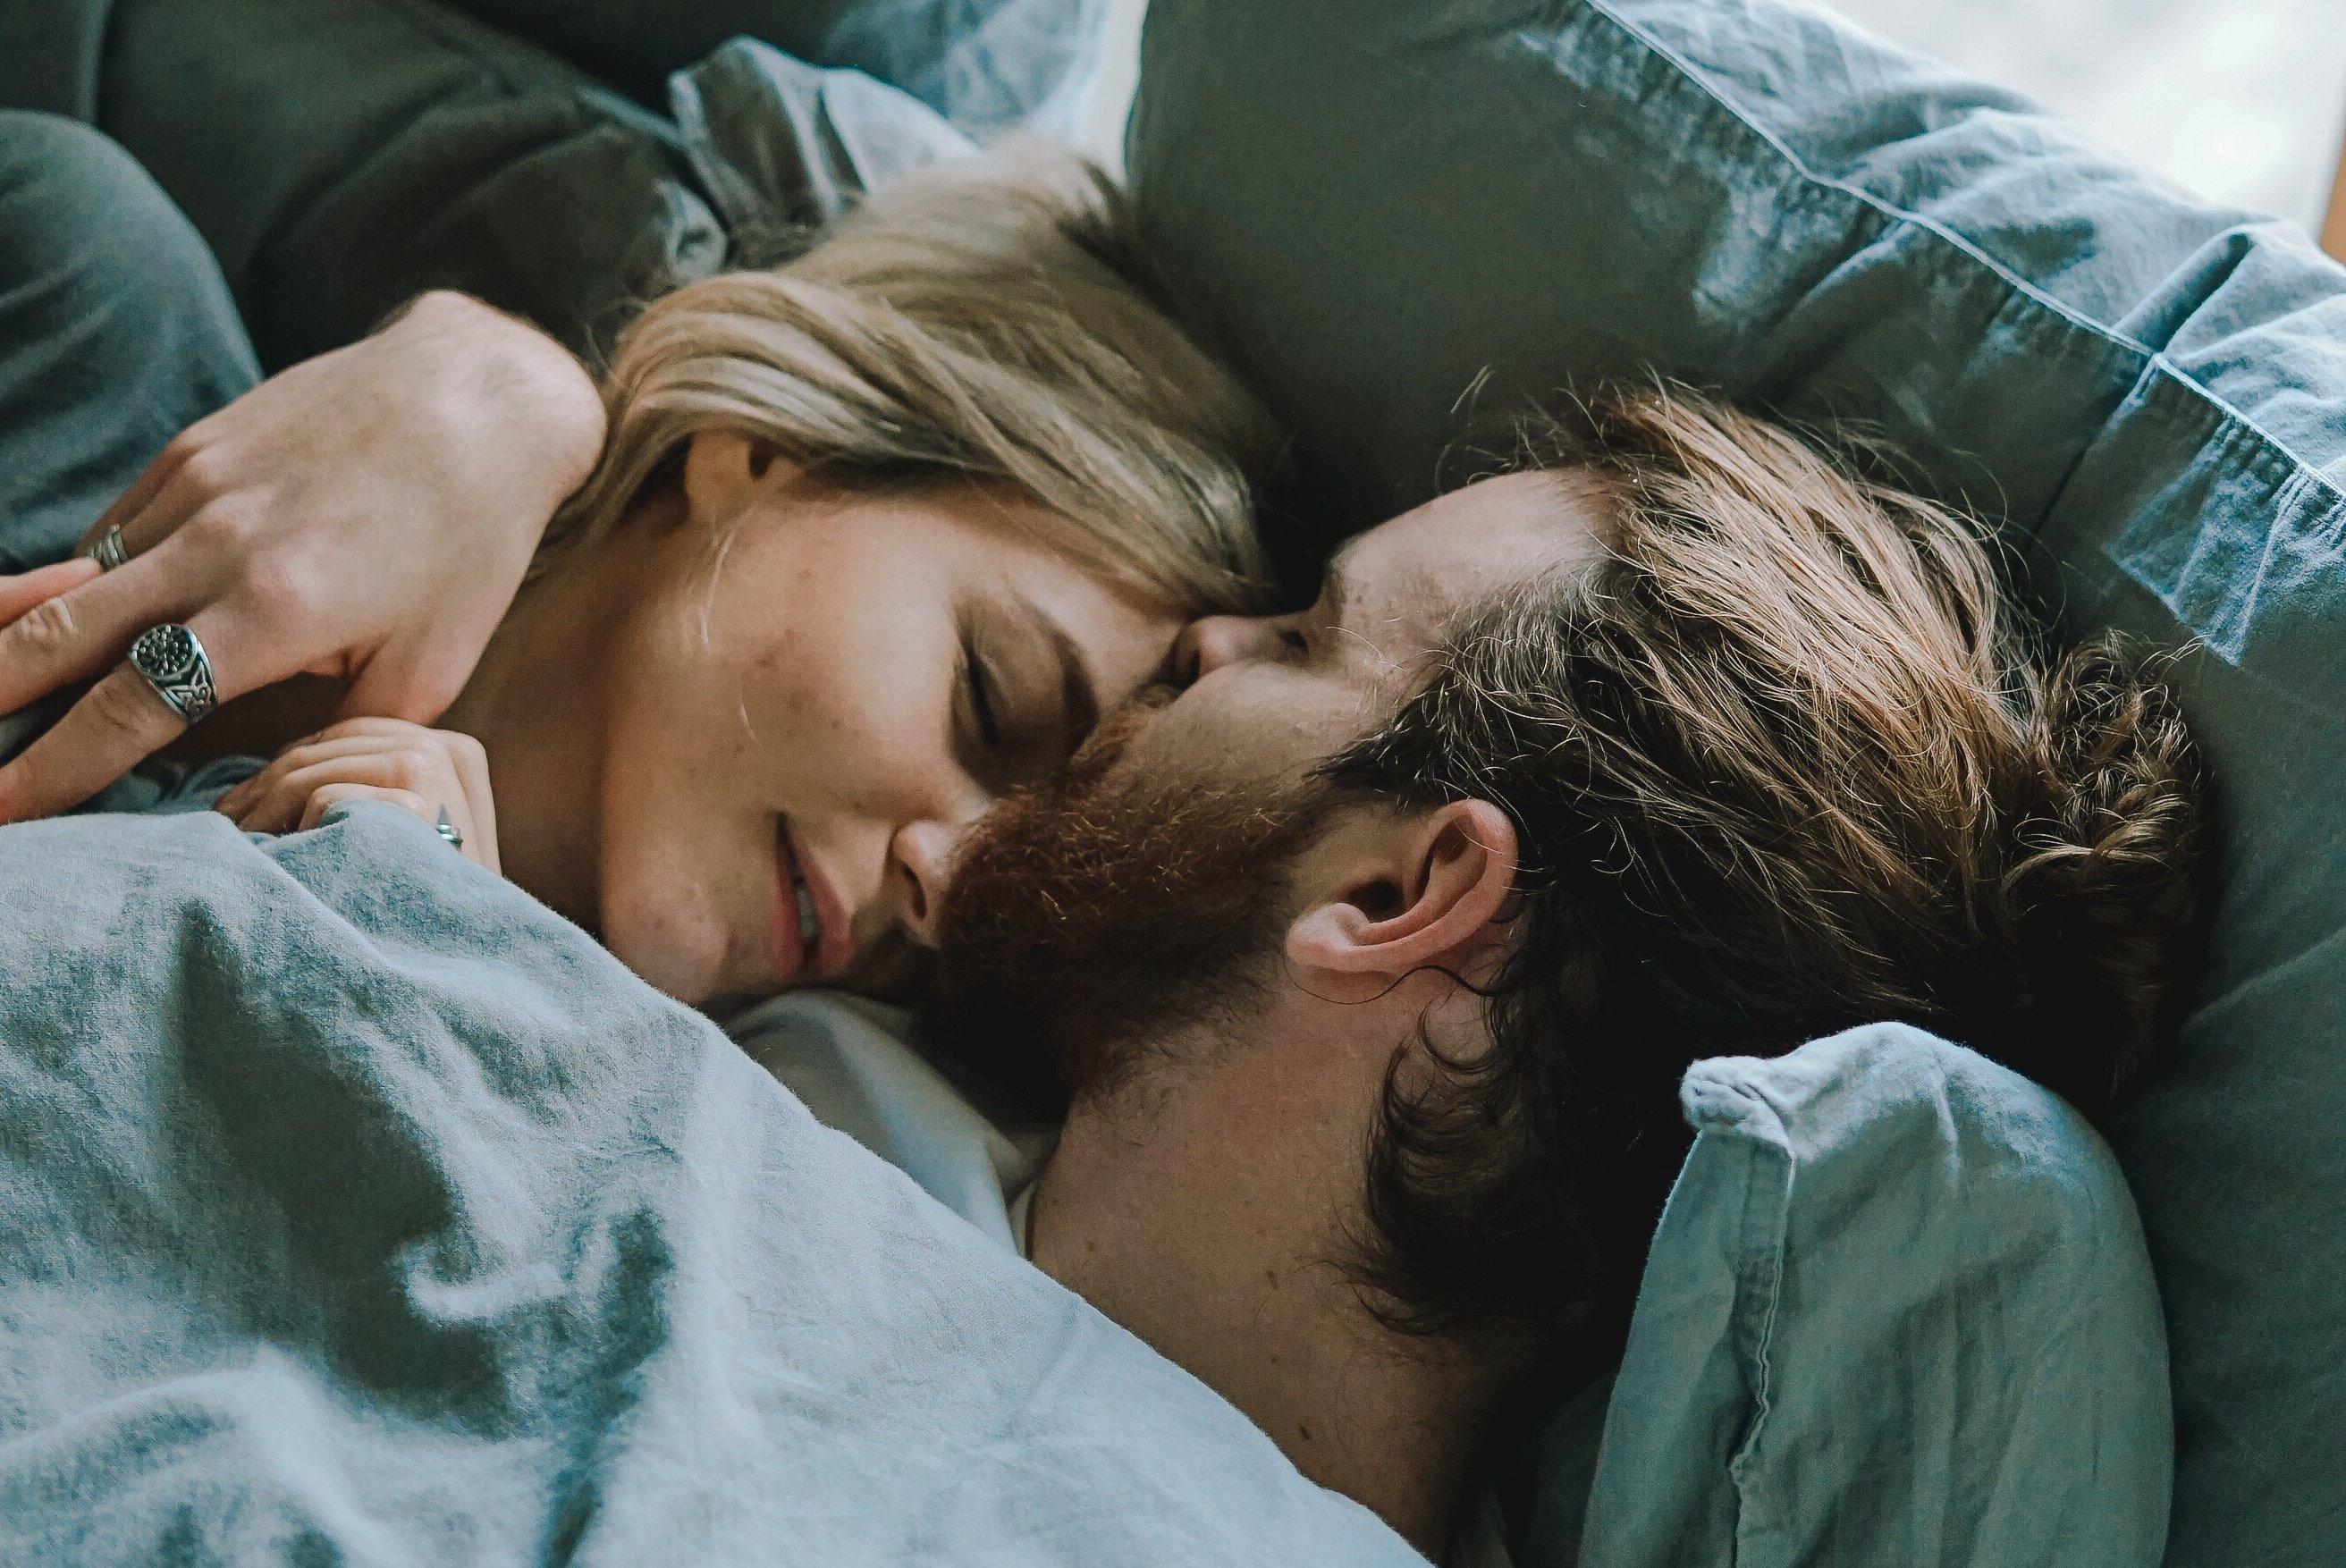 mi okozza a hüvely spriccelését fekete szex szimbólumok